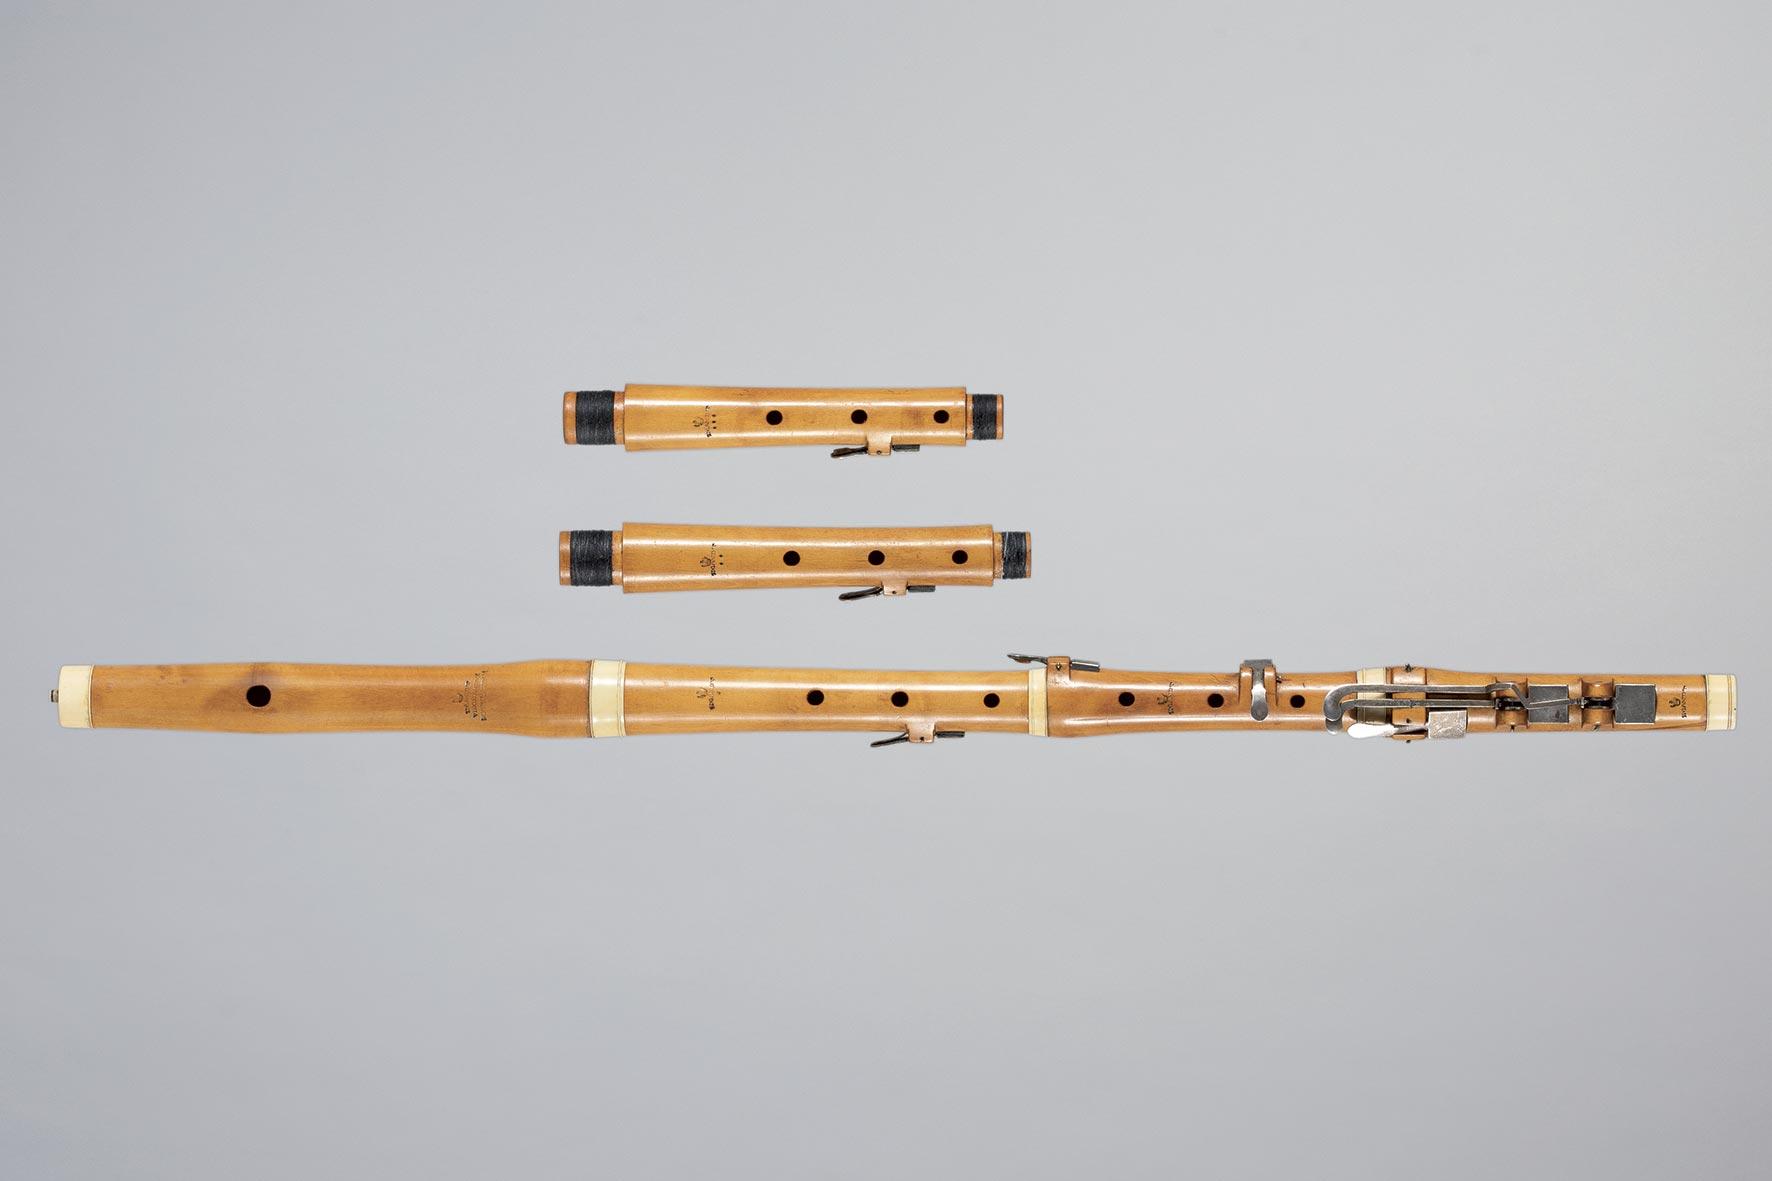 Flûte de IMANDT VISCHERSDYK